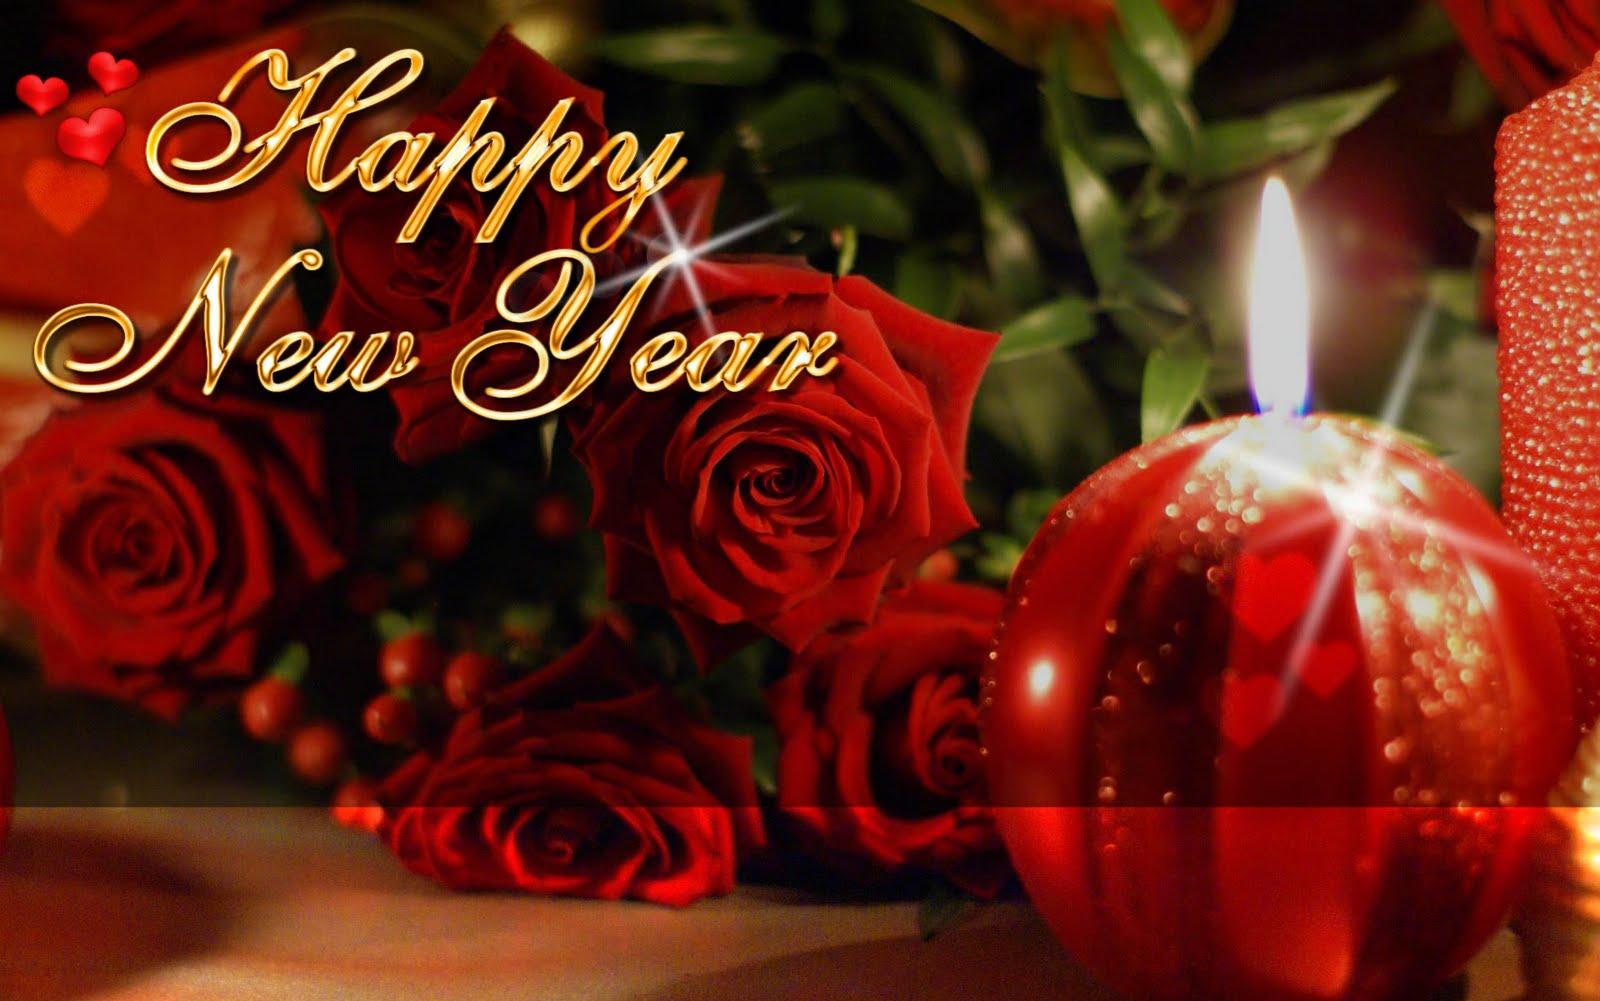 new year cardsnew year wishesnew year greetingsnew year smsnew year greetings2011new year greetings 2012new year picsnew year quotesnew year photos